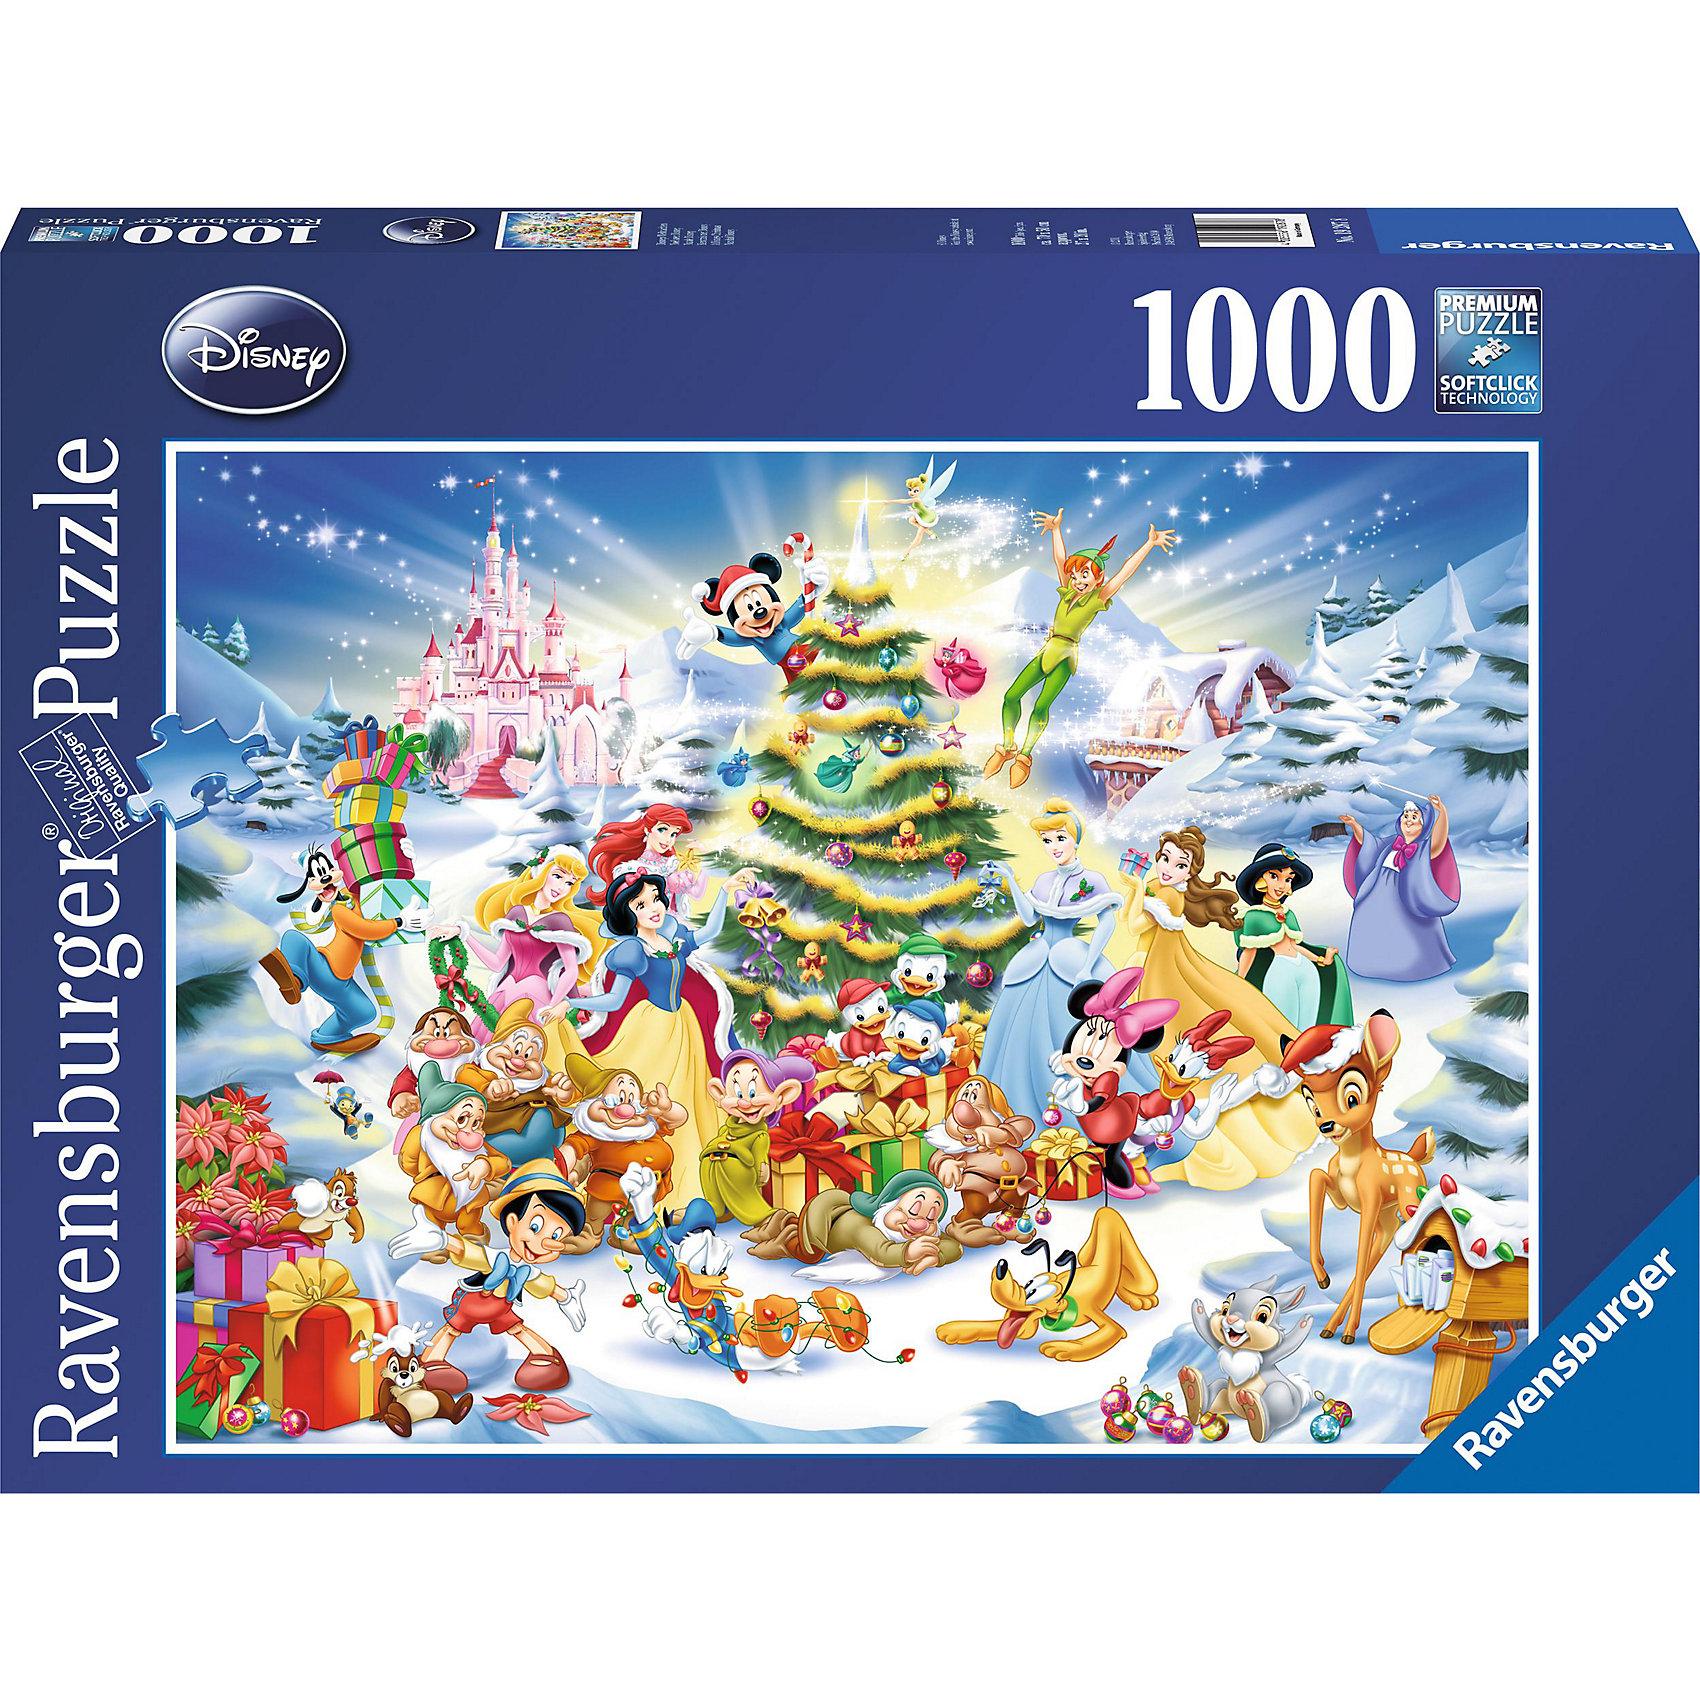 Пазл Рождество в стране Дисней 1000 деталей, Ravensburger